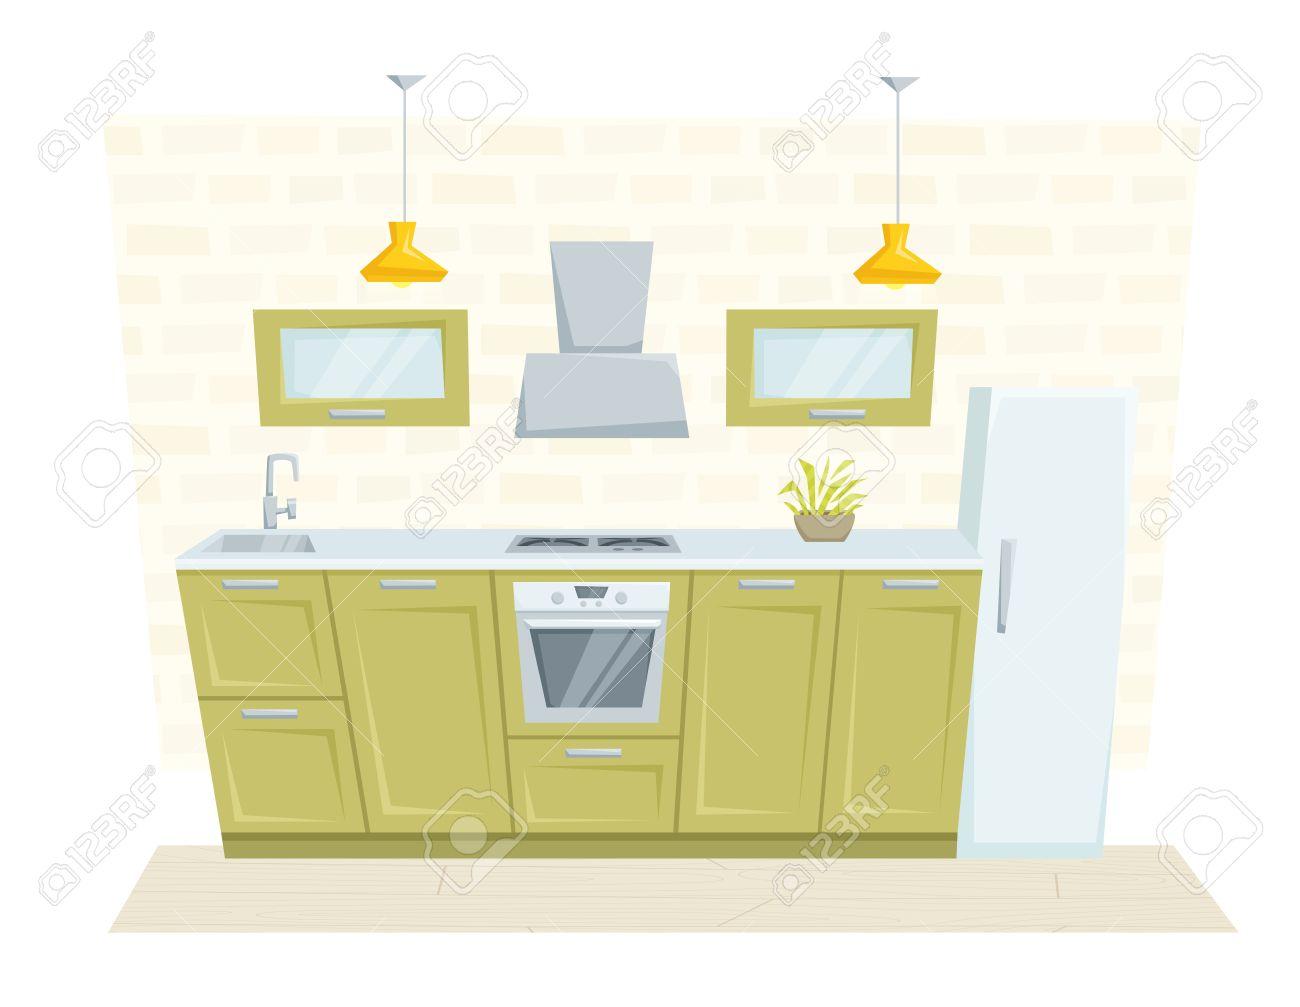 Entre Cocina Con Muebles Y La Decoración De Estilo Loft. Cocina ...